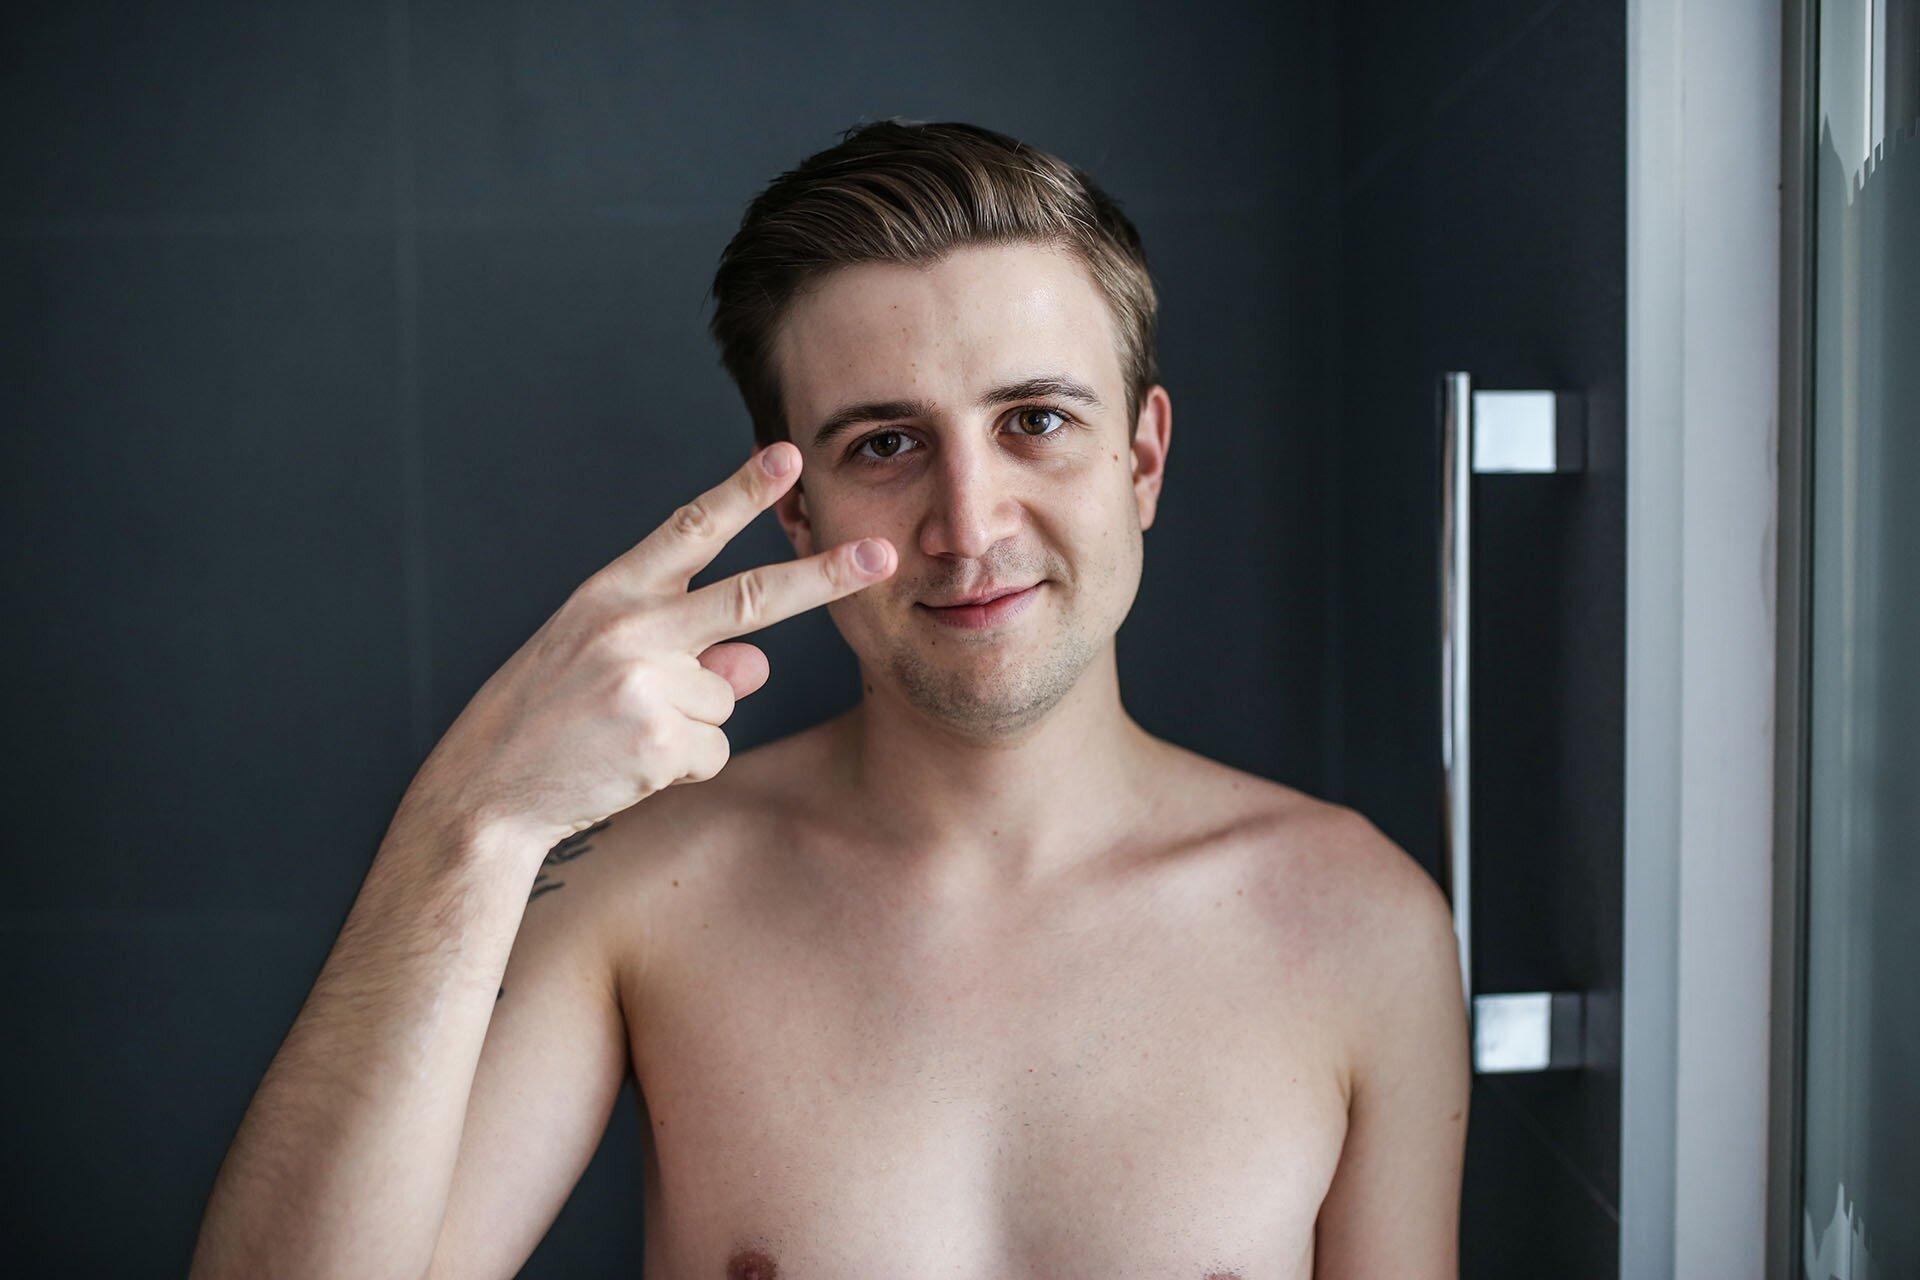 Twarz mężczyzny, Jak dbać o twarz mężczyzny, Eisenberg, Męskie kosmetyki, GMALE blog dla mężczyzn, Moda męska i męski lifestyle, Maski na twarz dla mężczyzn